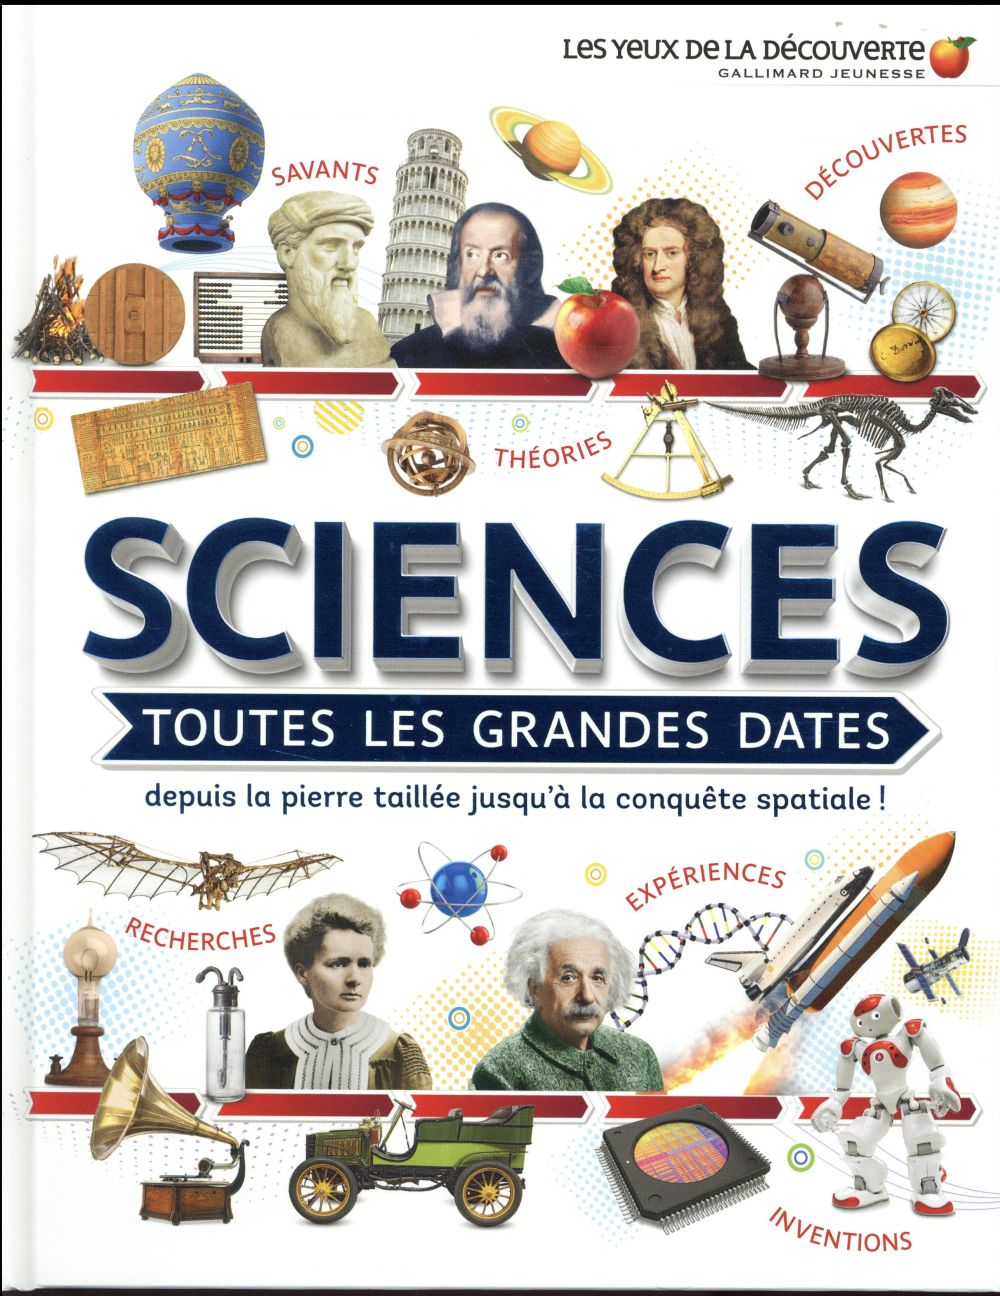 SCIENCES : TOUTES LES GRANDES DATES